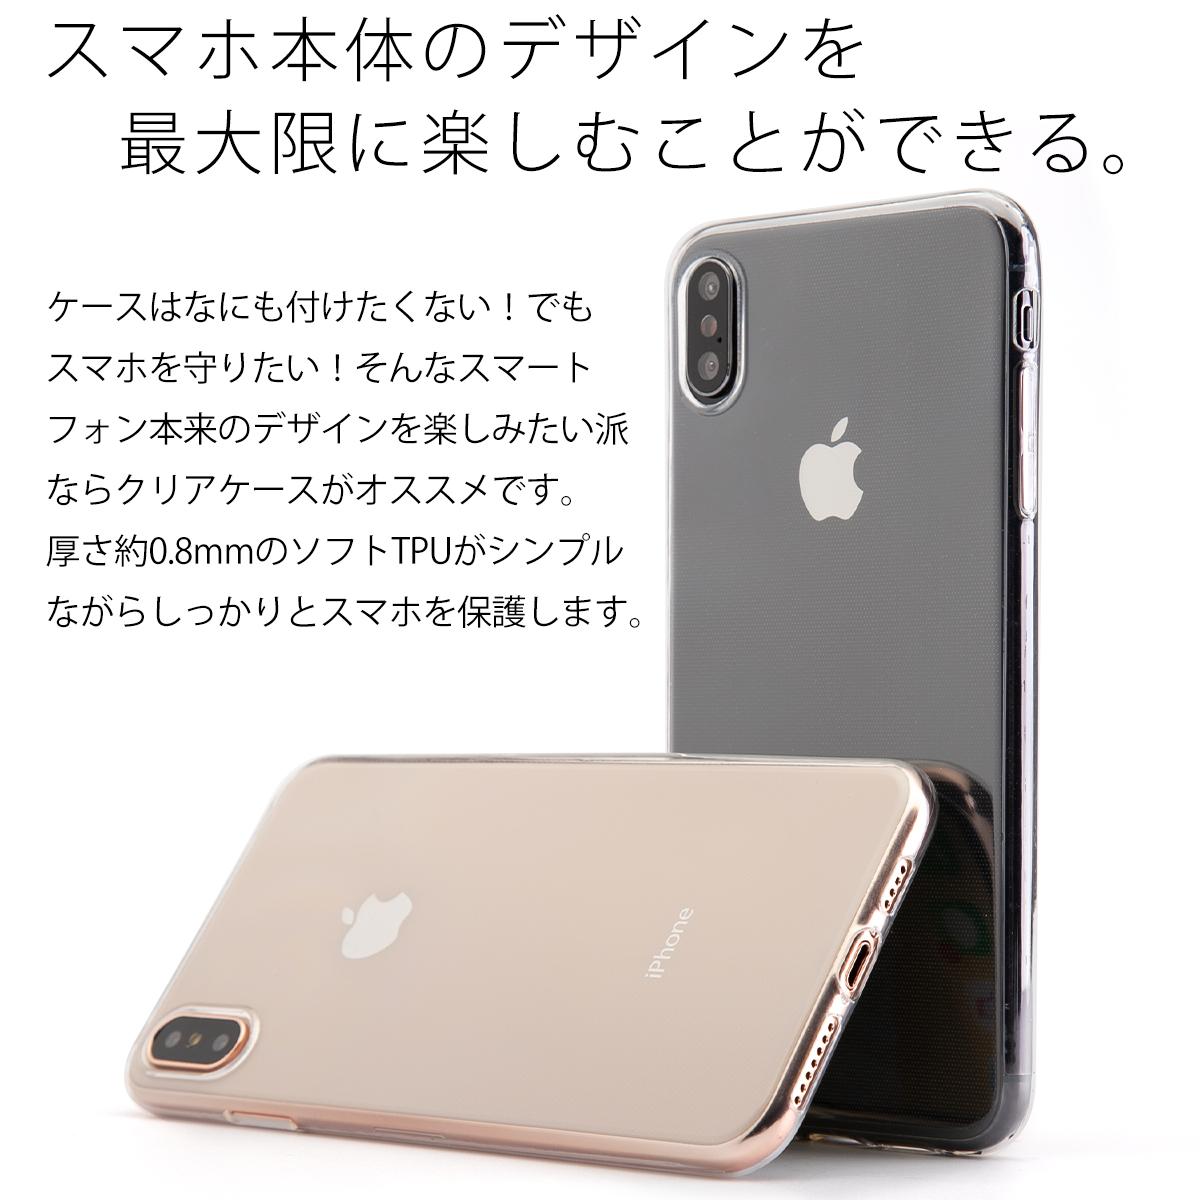 iPhone Xs Max TPU クリアケース